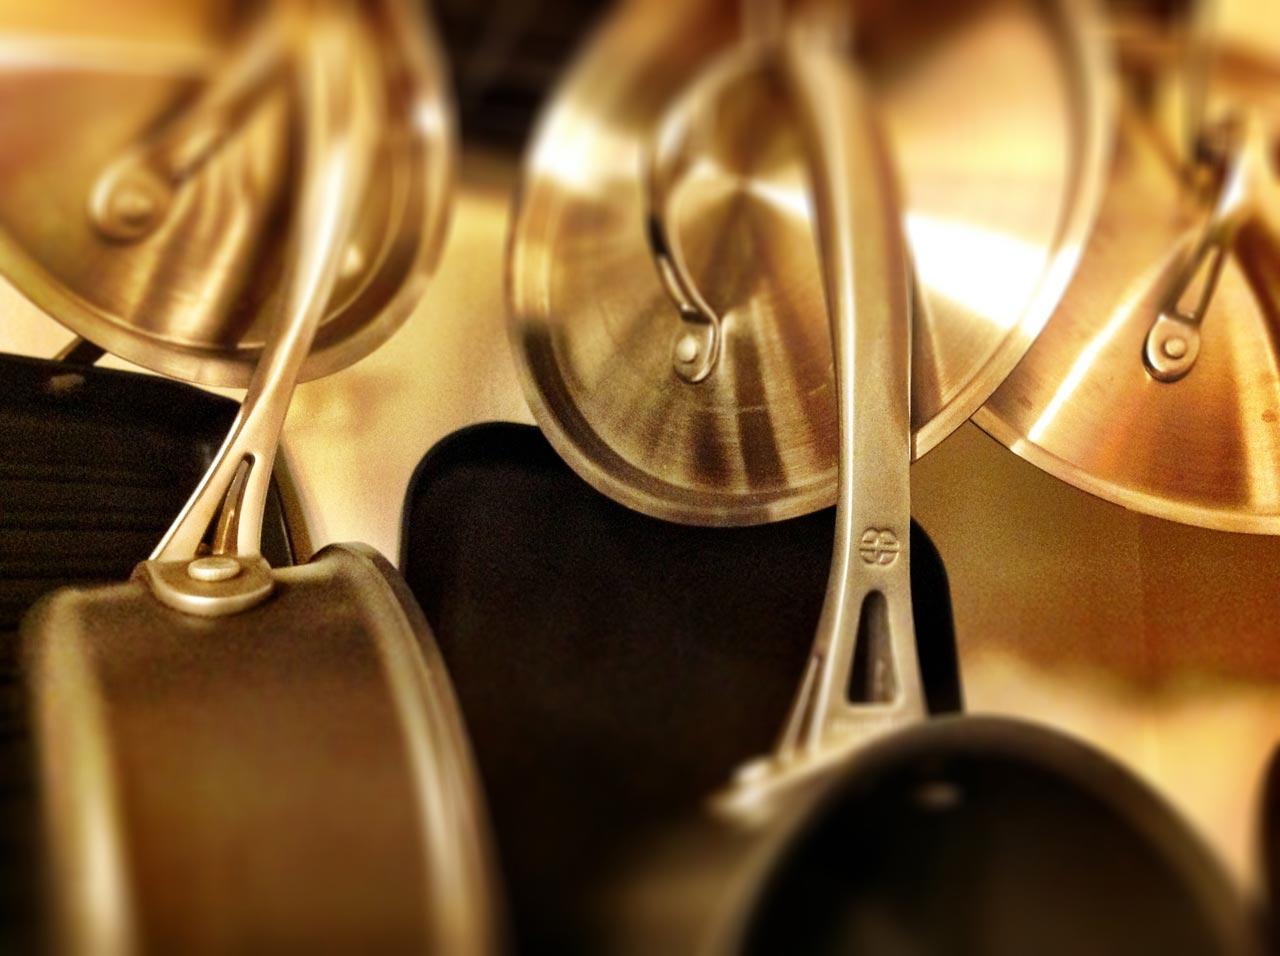 Lista de utensílios de cozinha para comprar nos Estados Unidos